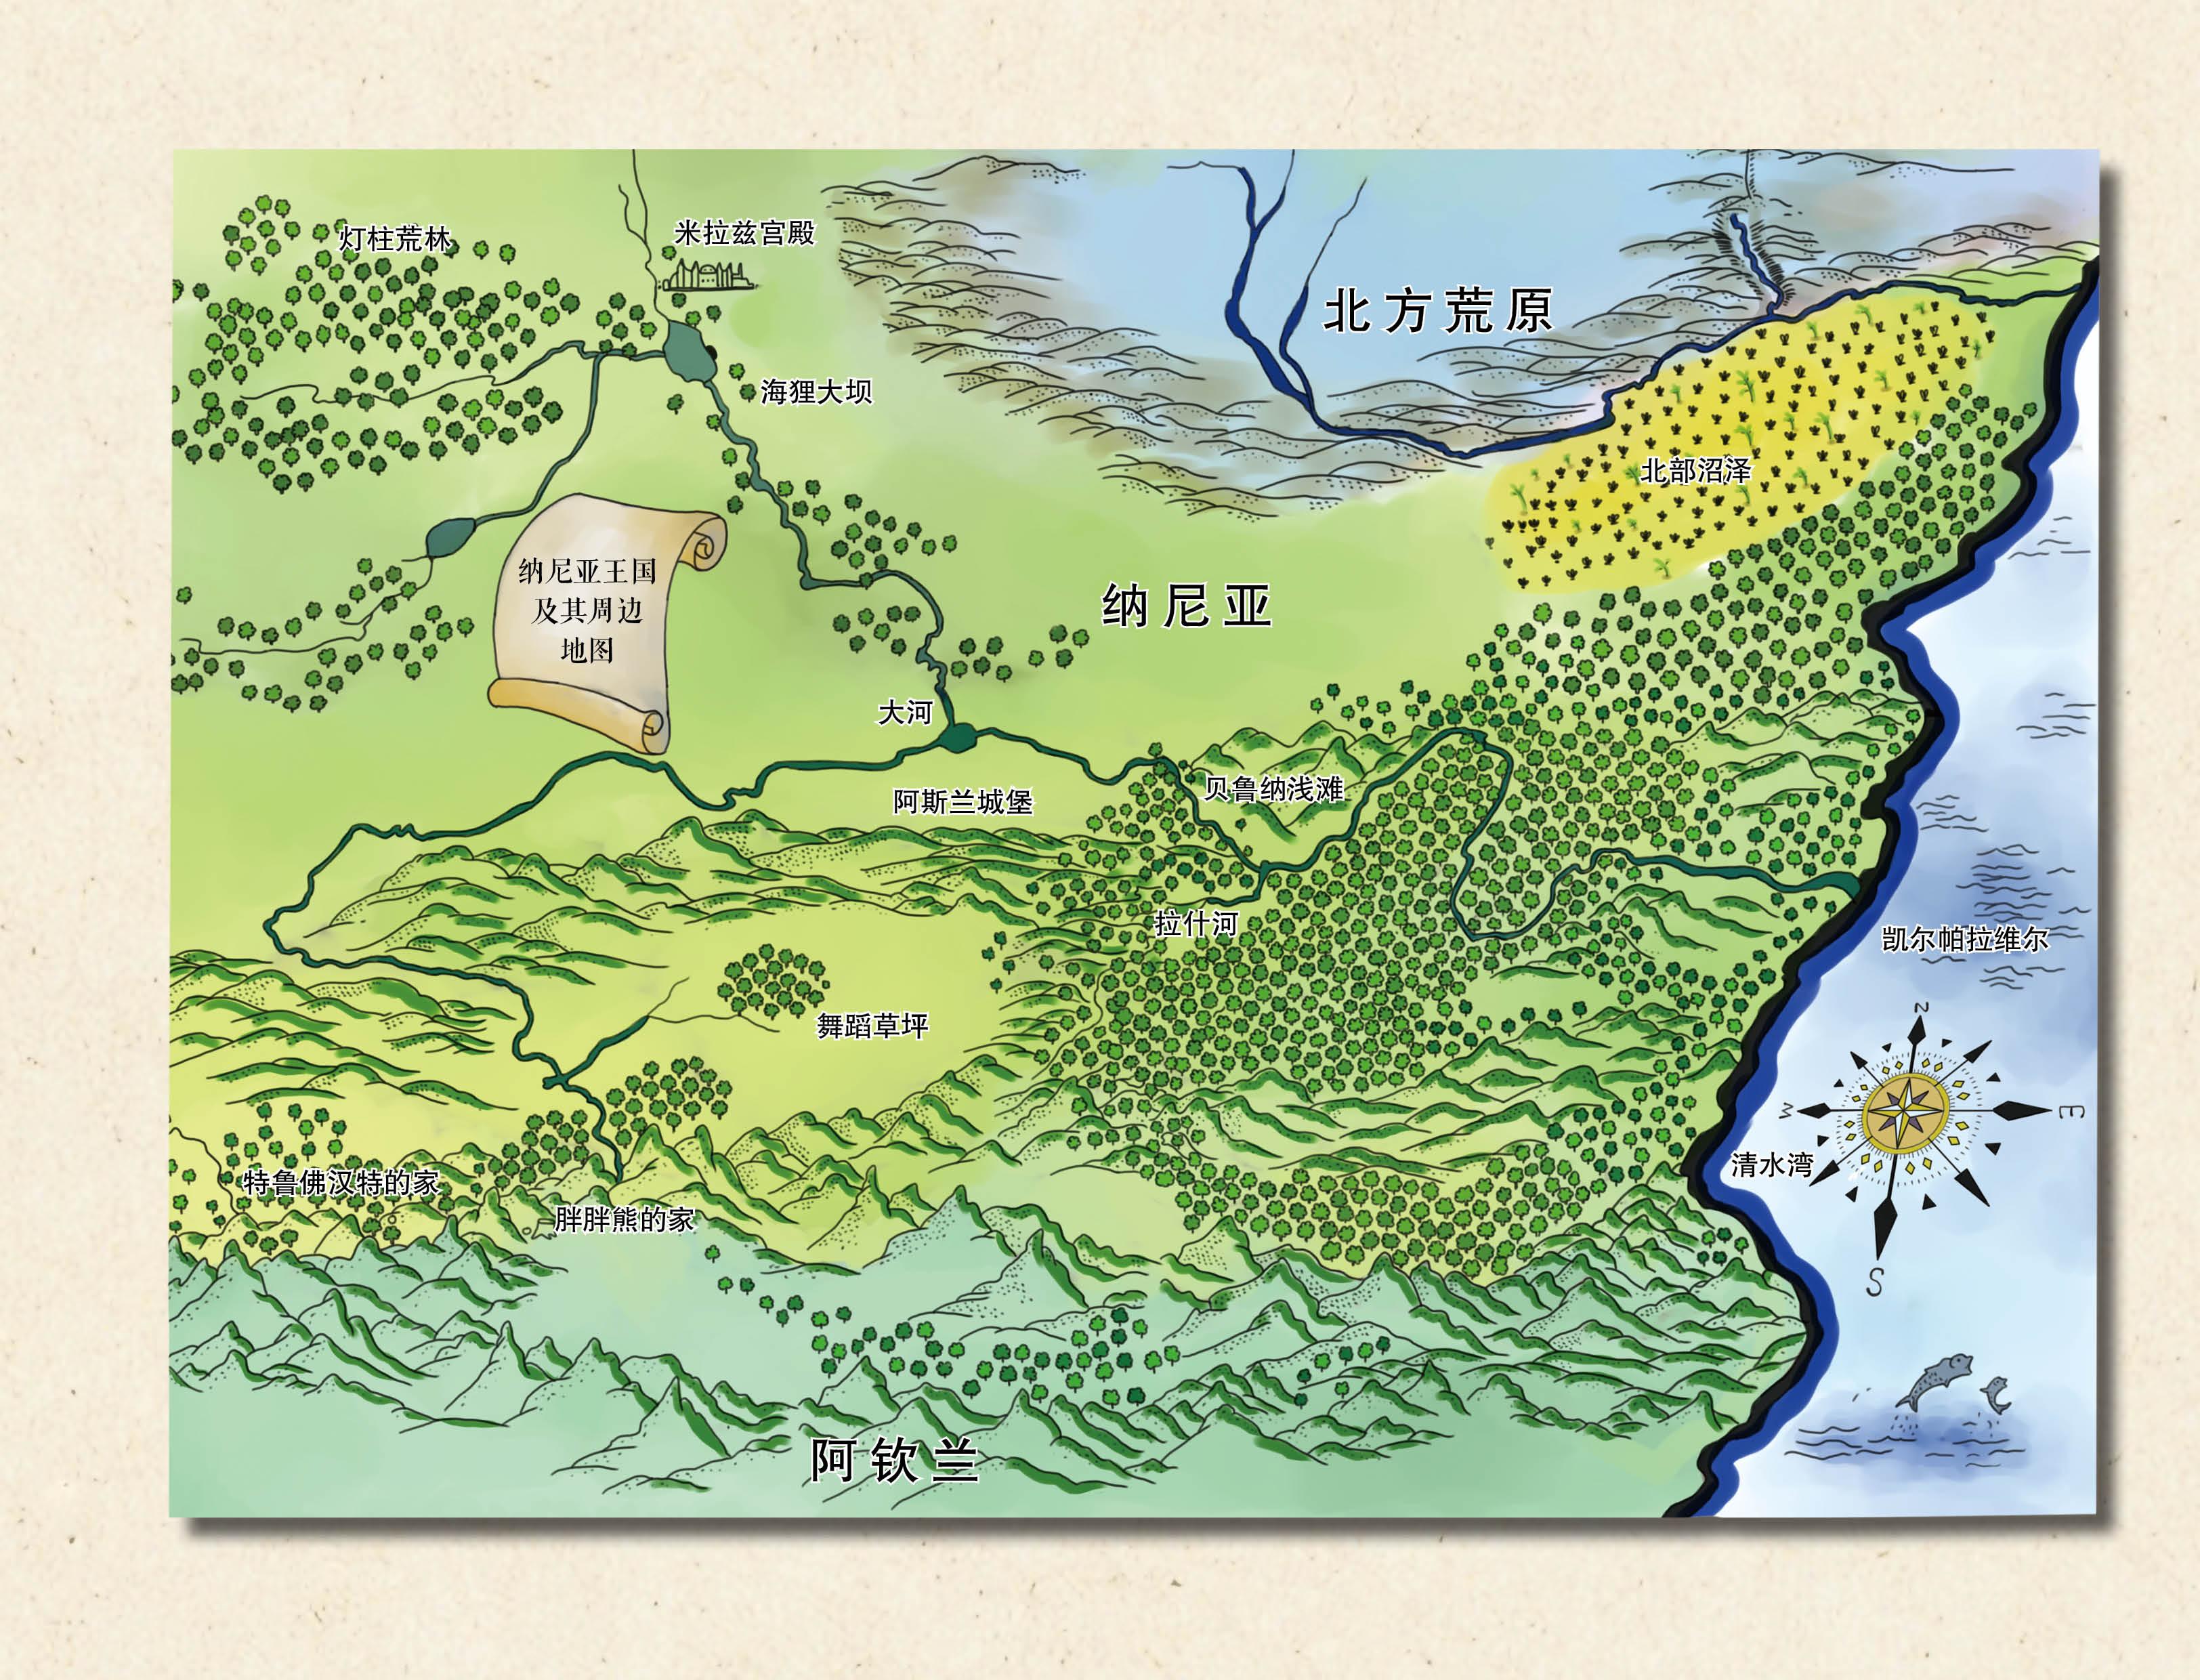 最权威的地图——带你一同航海,探险,逃亡,征战,保卫纳尼亚王国,平息